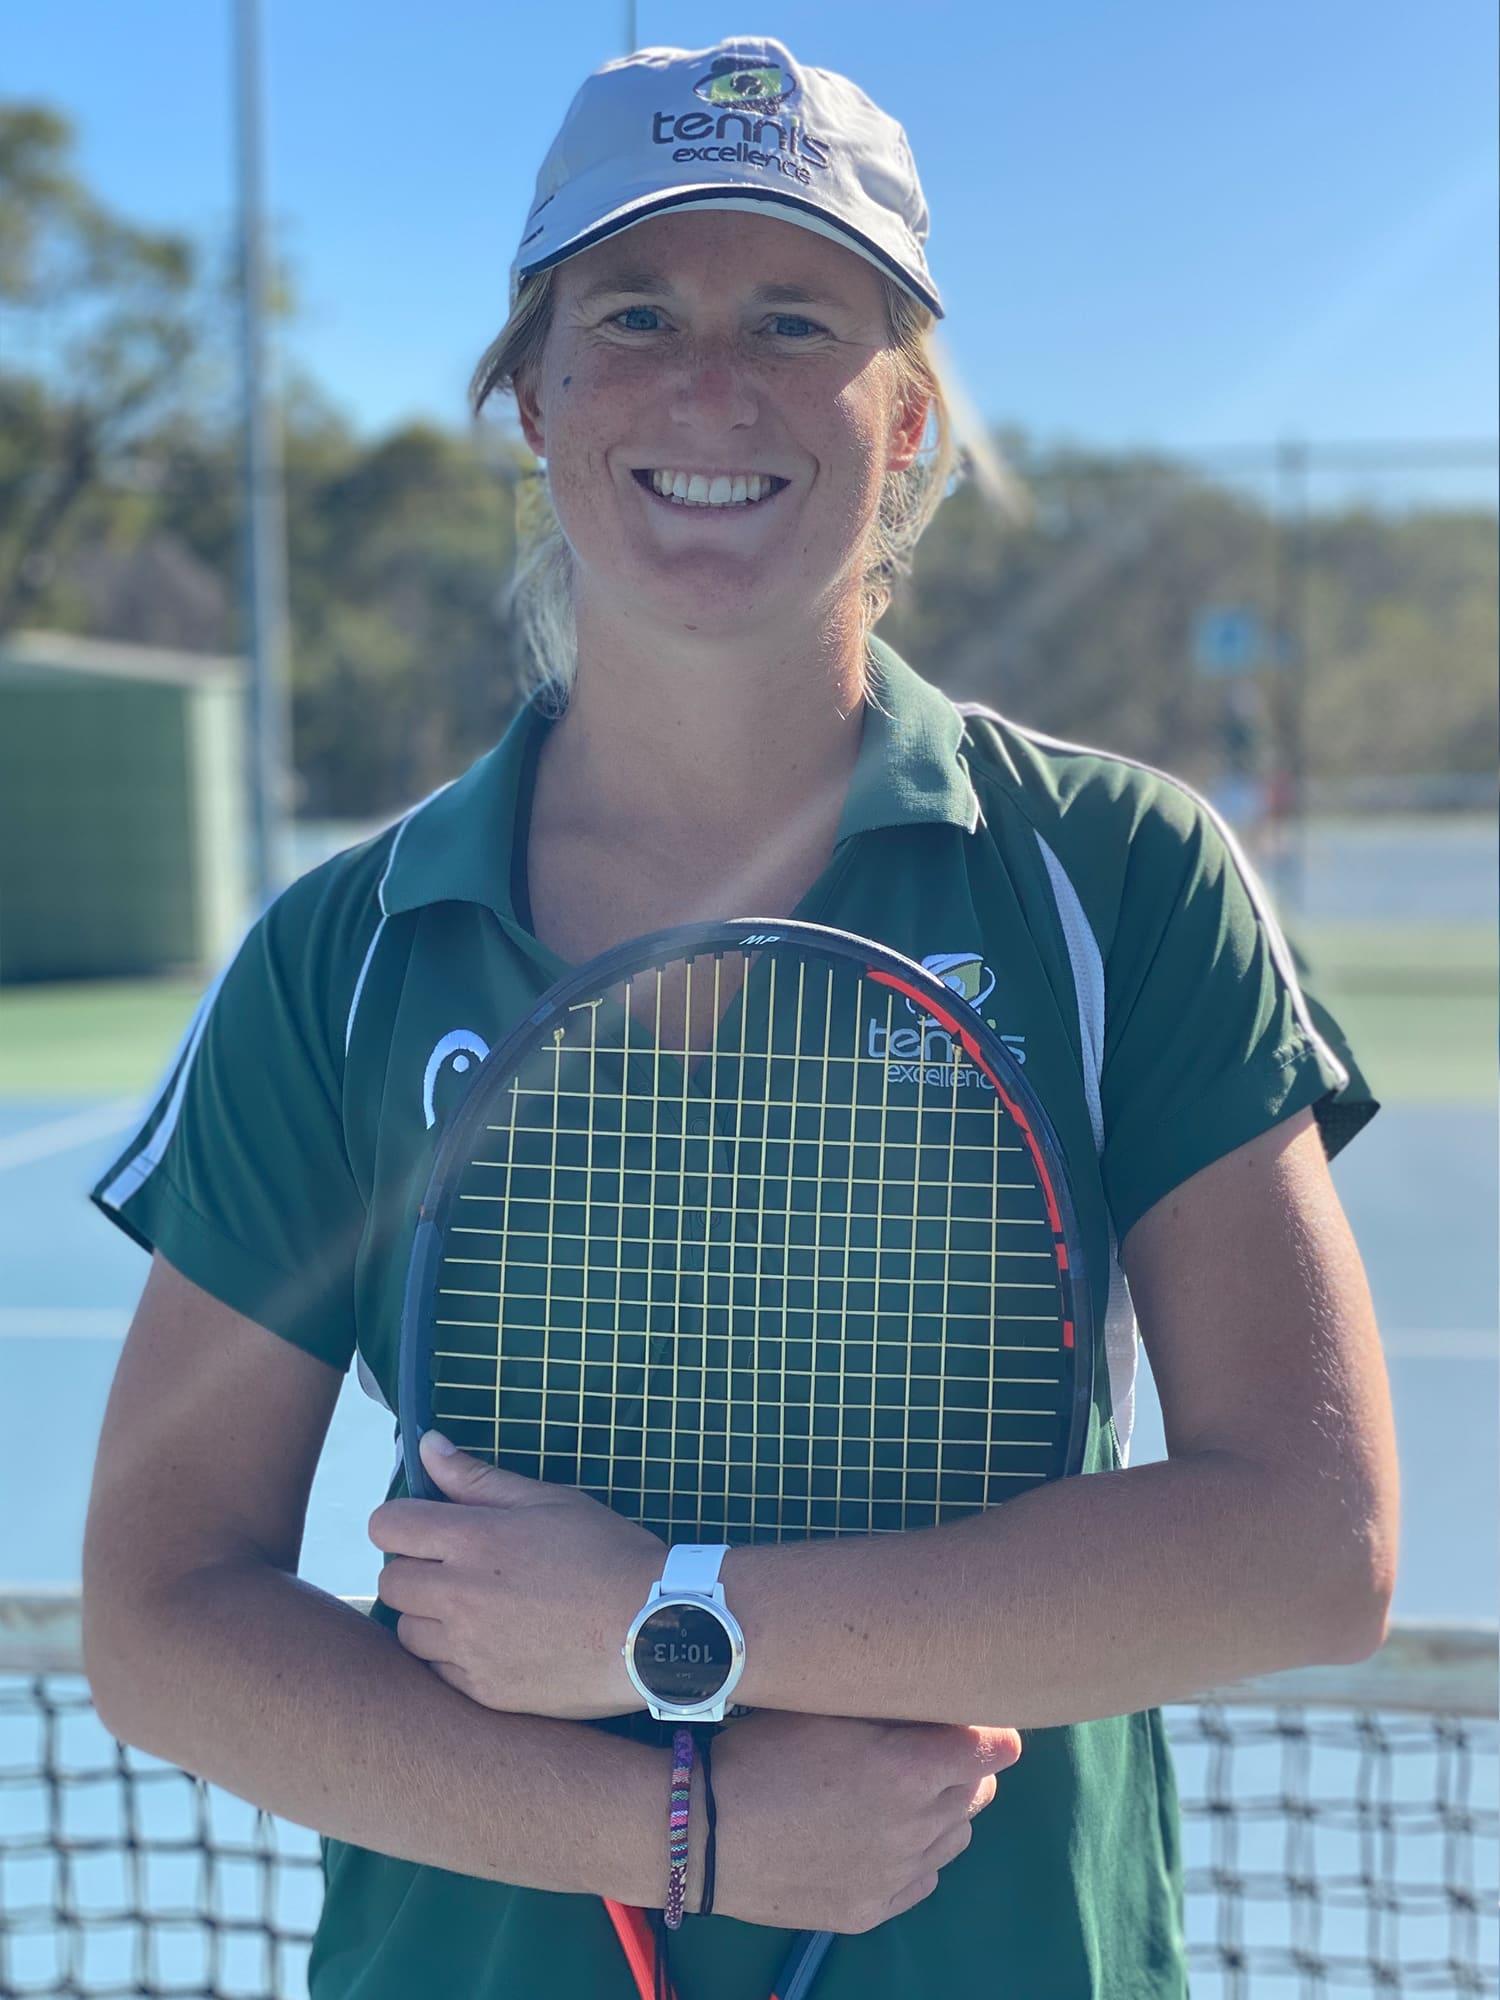 https://www.tennisexcellence.com.au/wp-content/uploads/2020/05/Coach_Charlotte-Connon.jpg